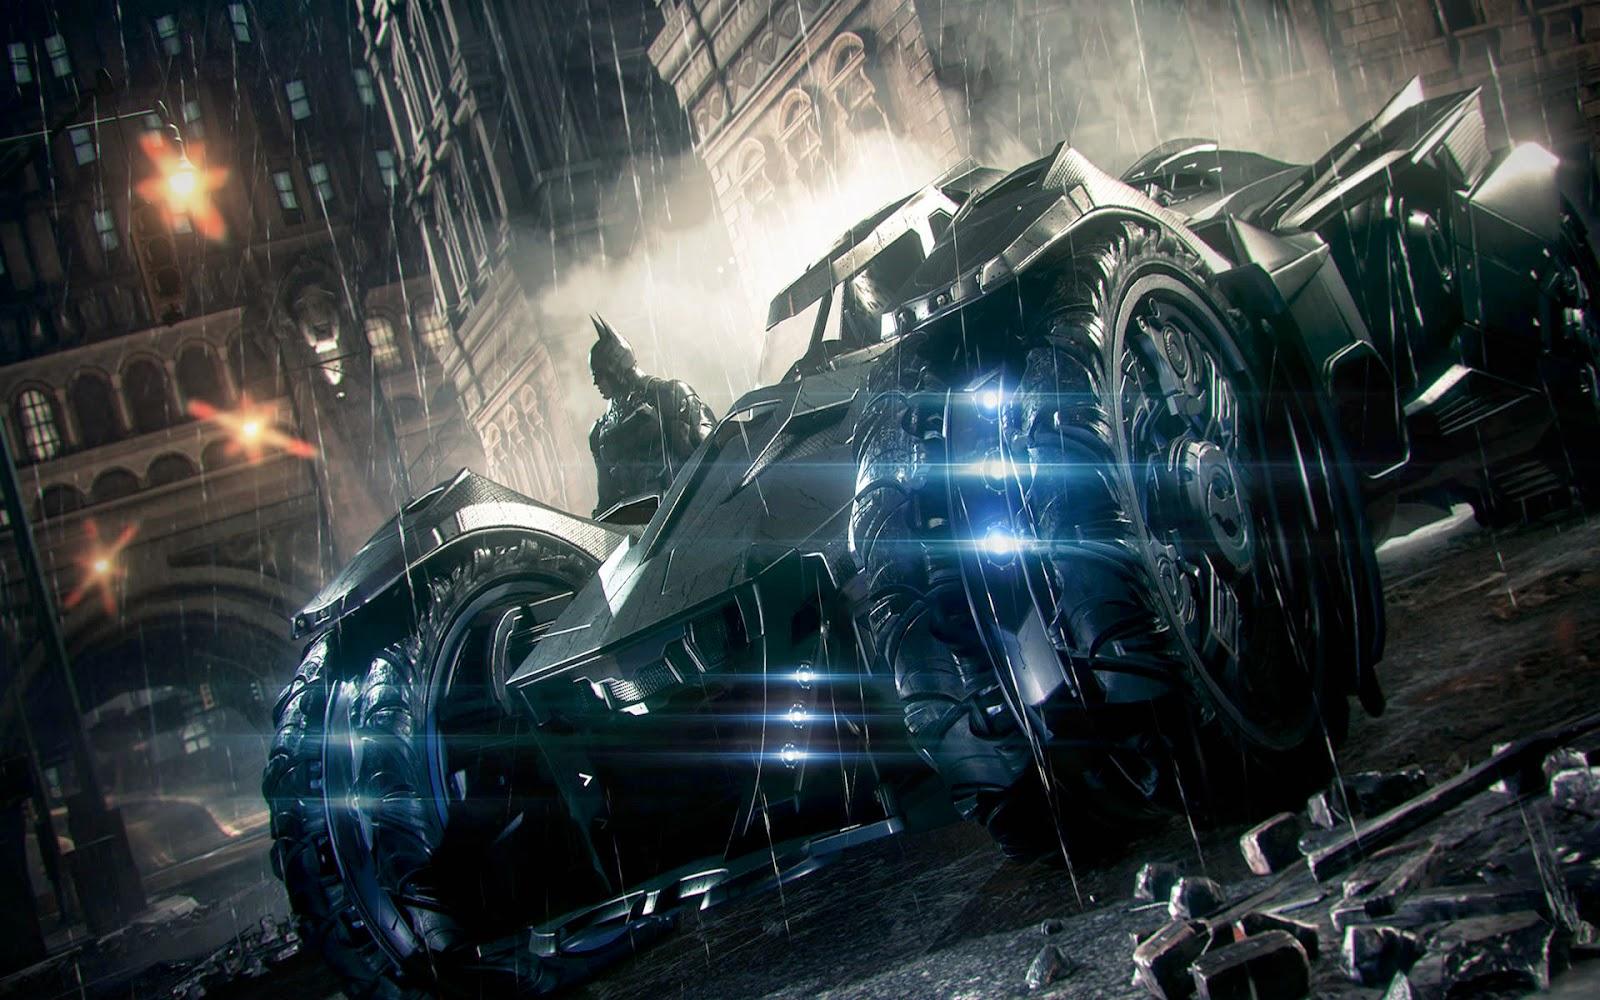 Papel de Parede do jogo Batman Arkham Knight